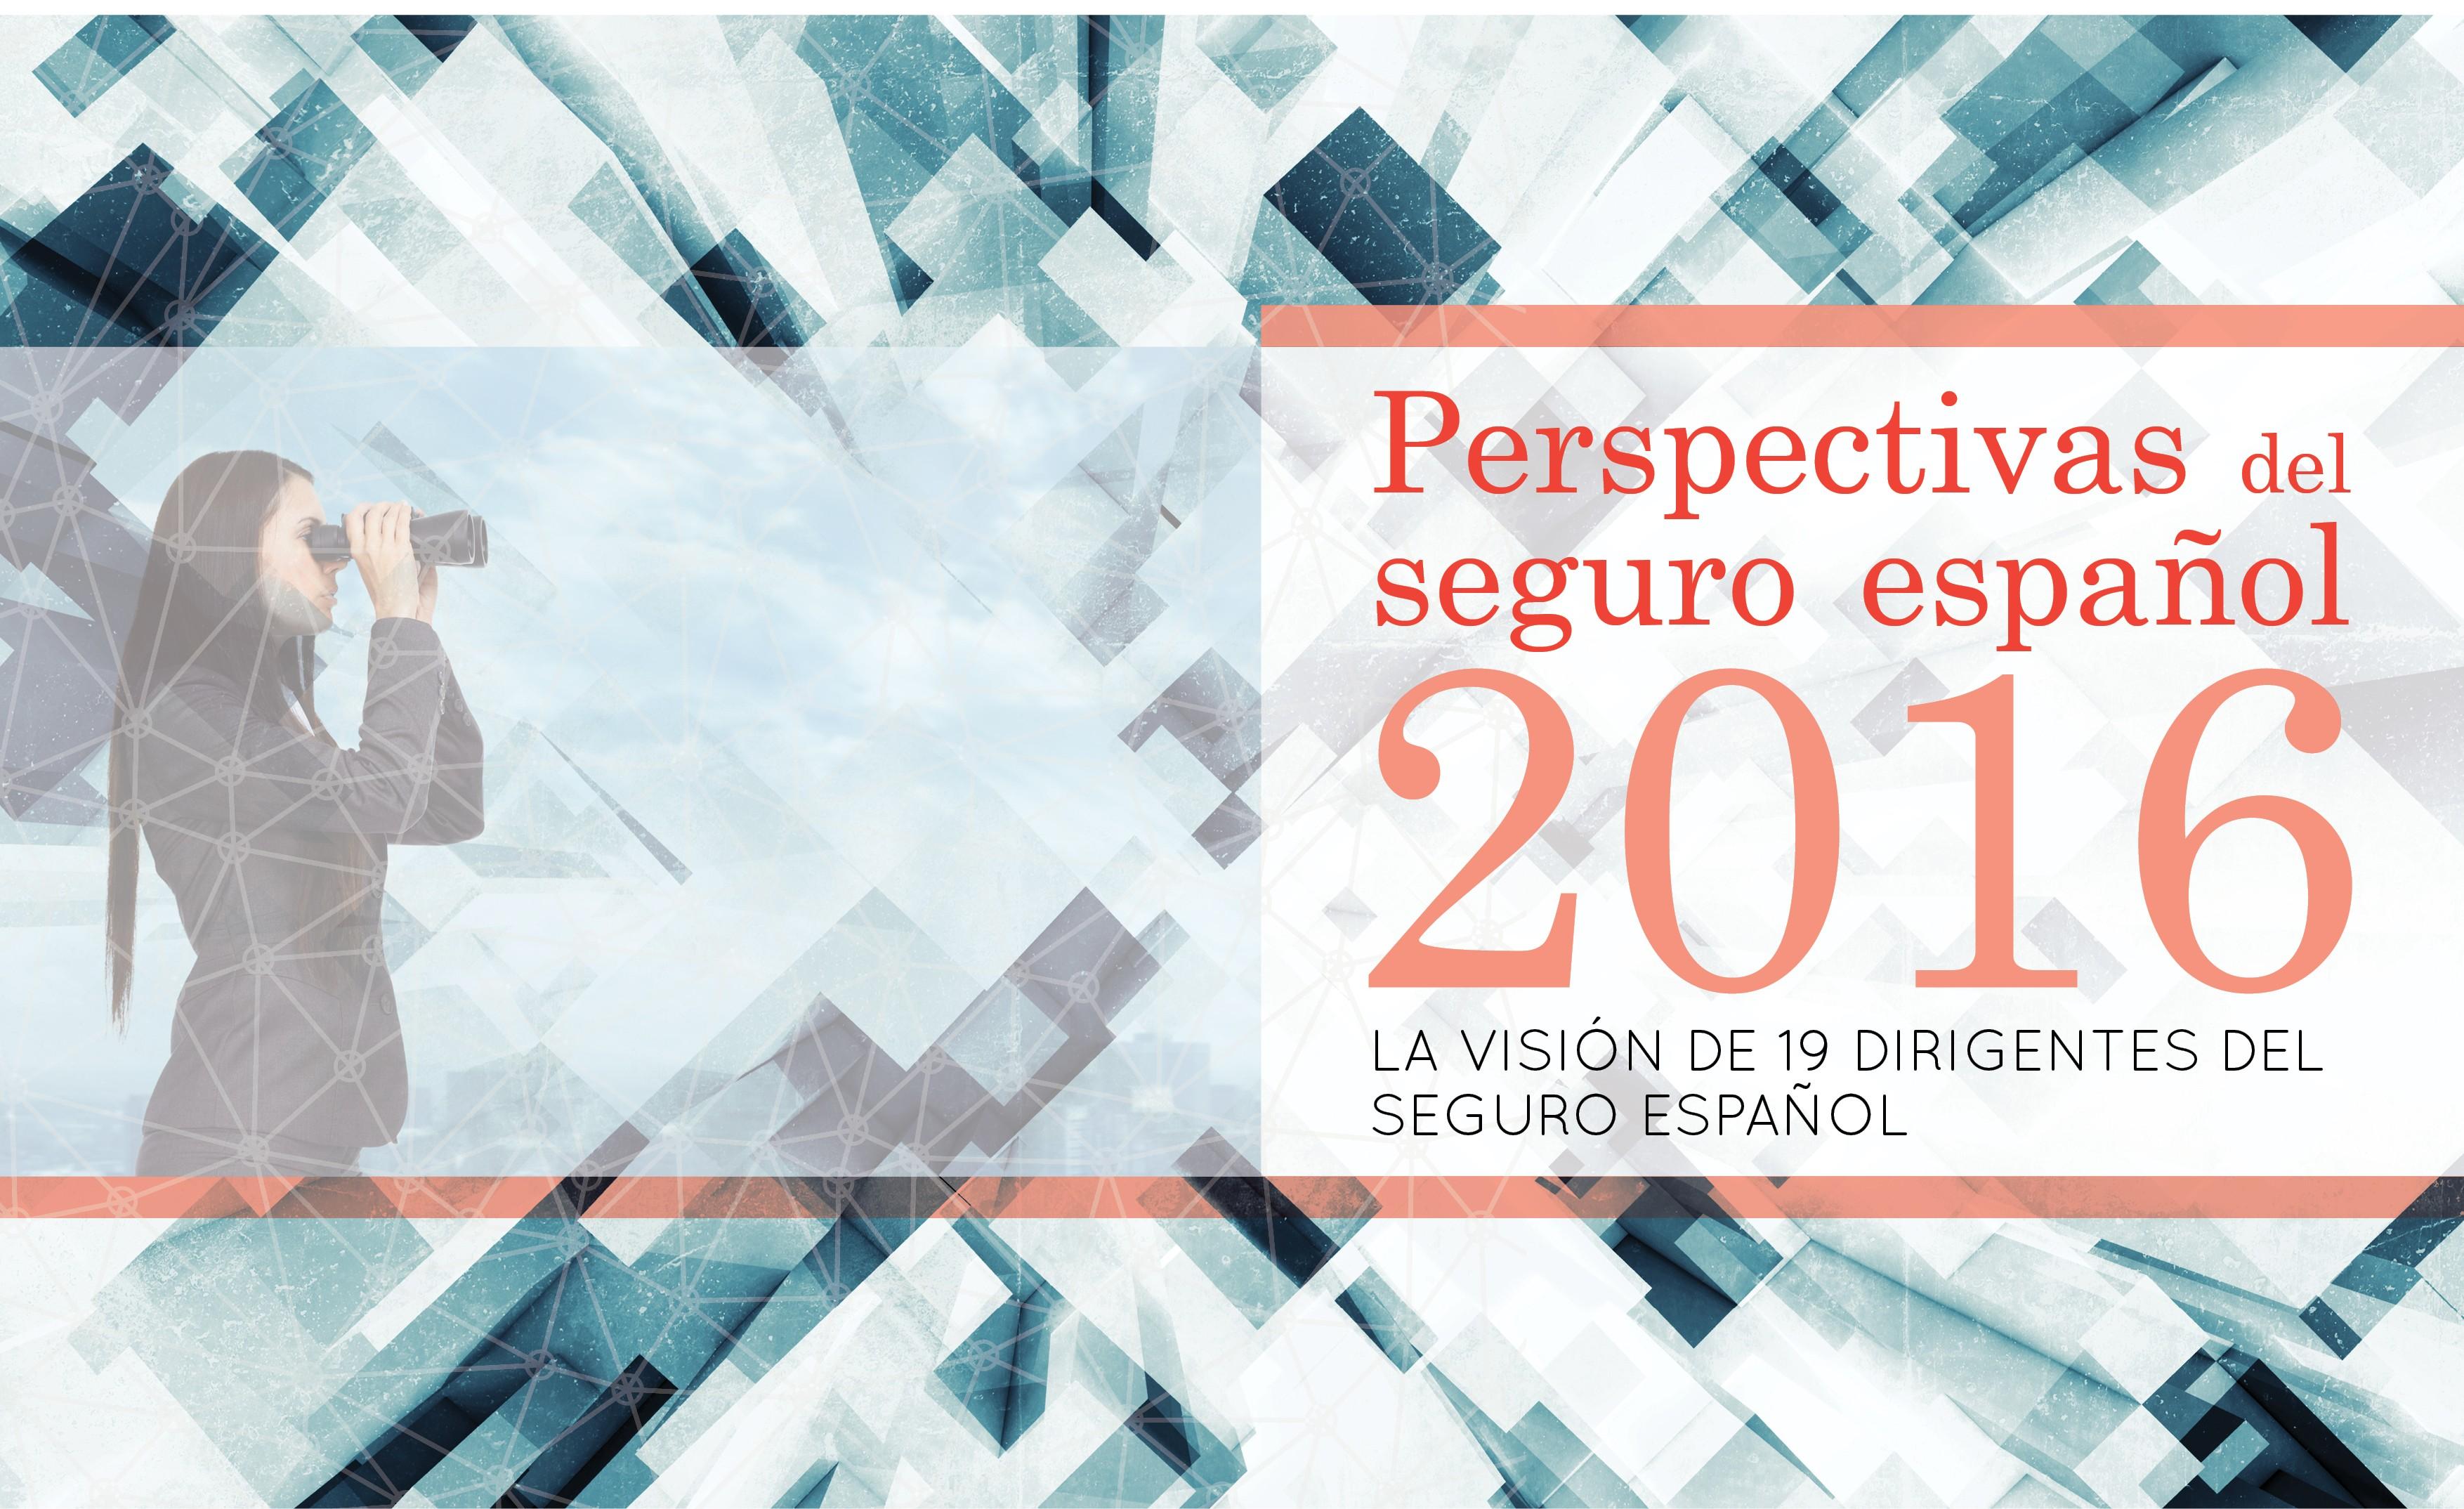 [eBook] Perspectivas del seguro español 2016